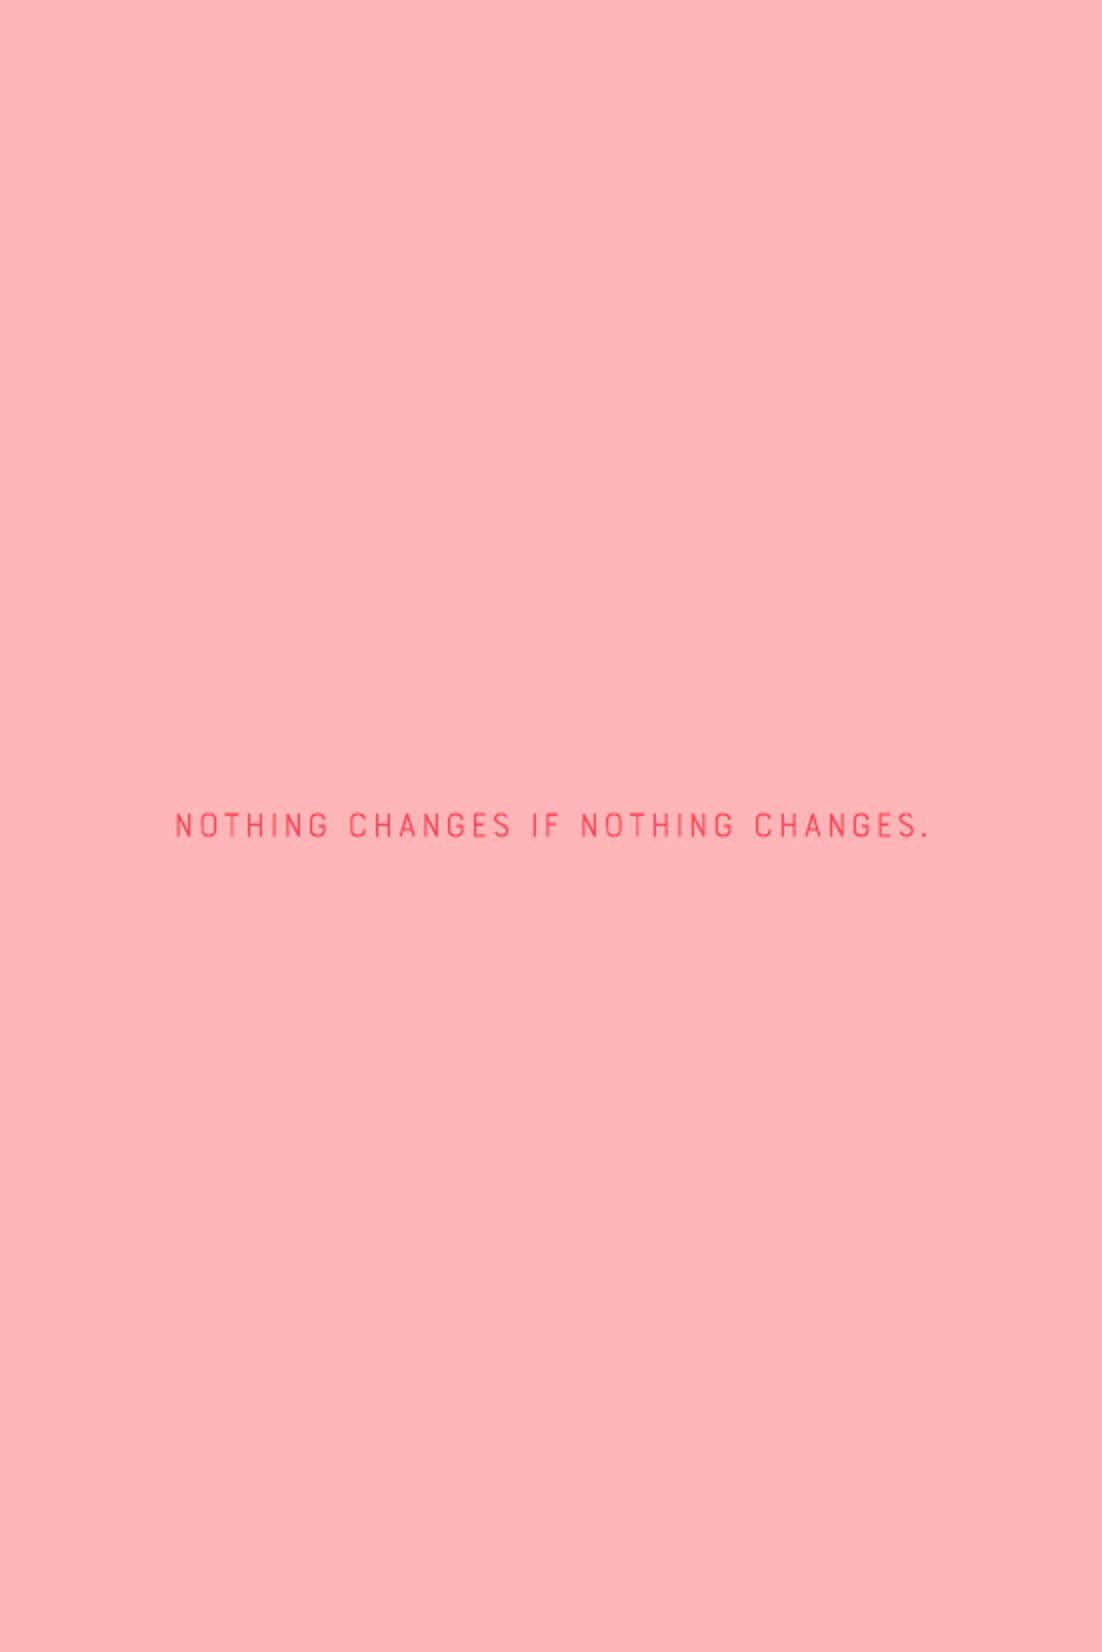 Worauf wartest du? Denn es verändert sich nichts, wenn du nichts veränderst. Mache einen Schritt nach dem anderen um voran zu kommen, dein Business aufzubauen, das Leben zu leben, das du dir erträumst. Aber fang an!